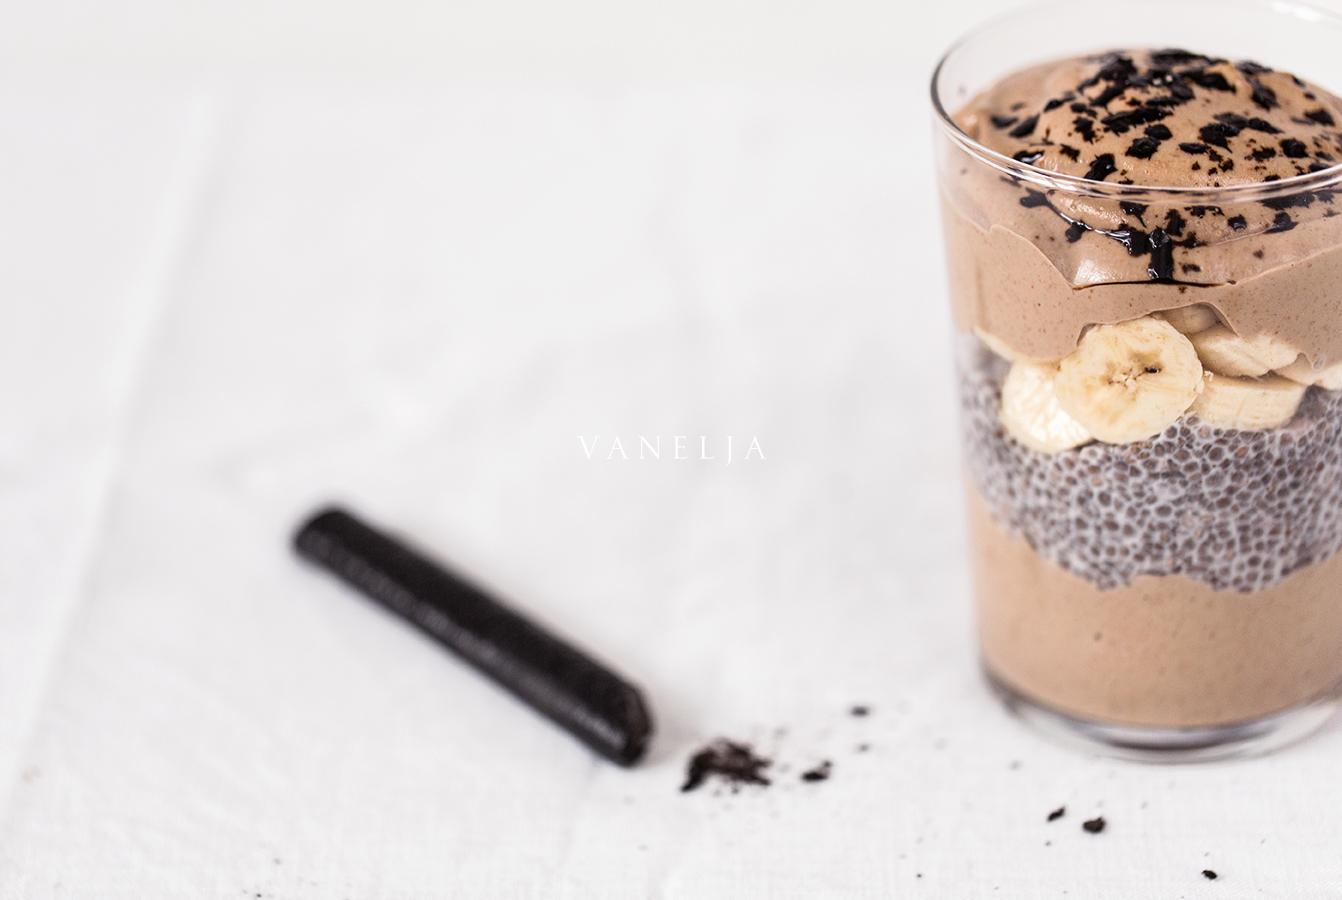 Lakritsinen suklaasmoothieparfait